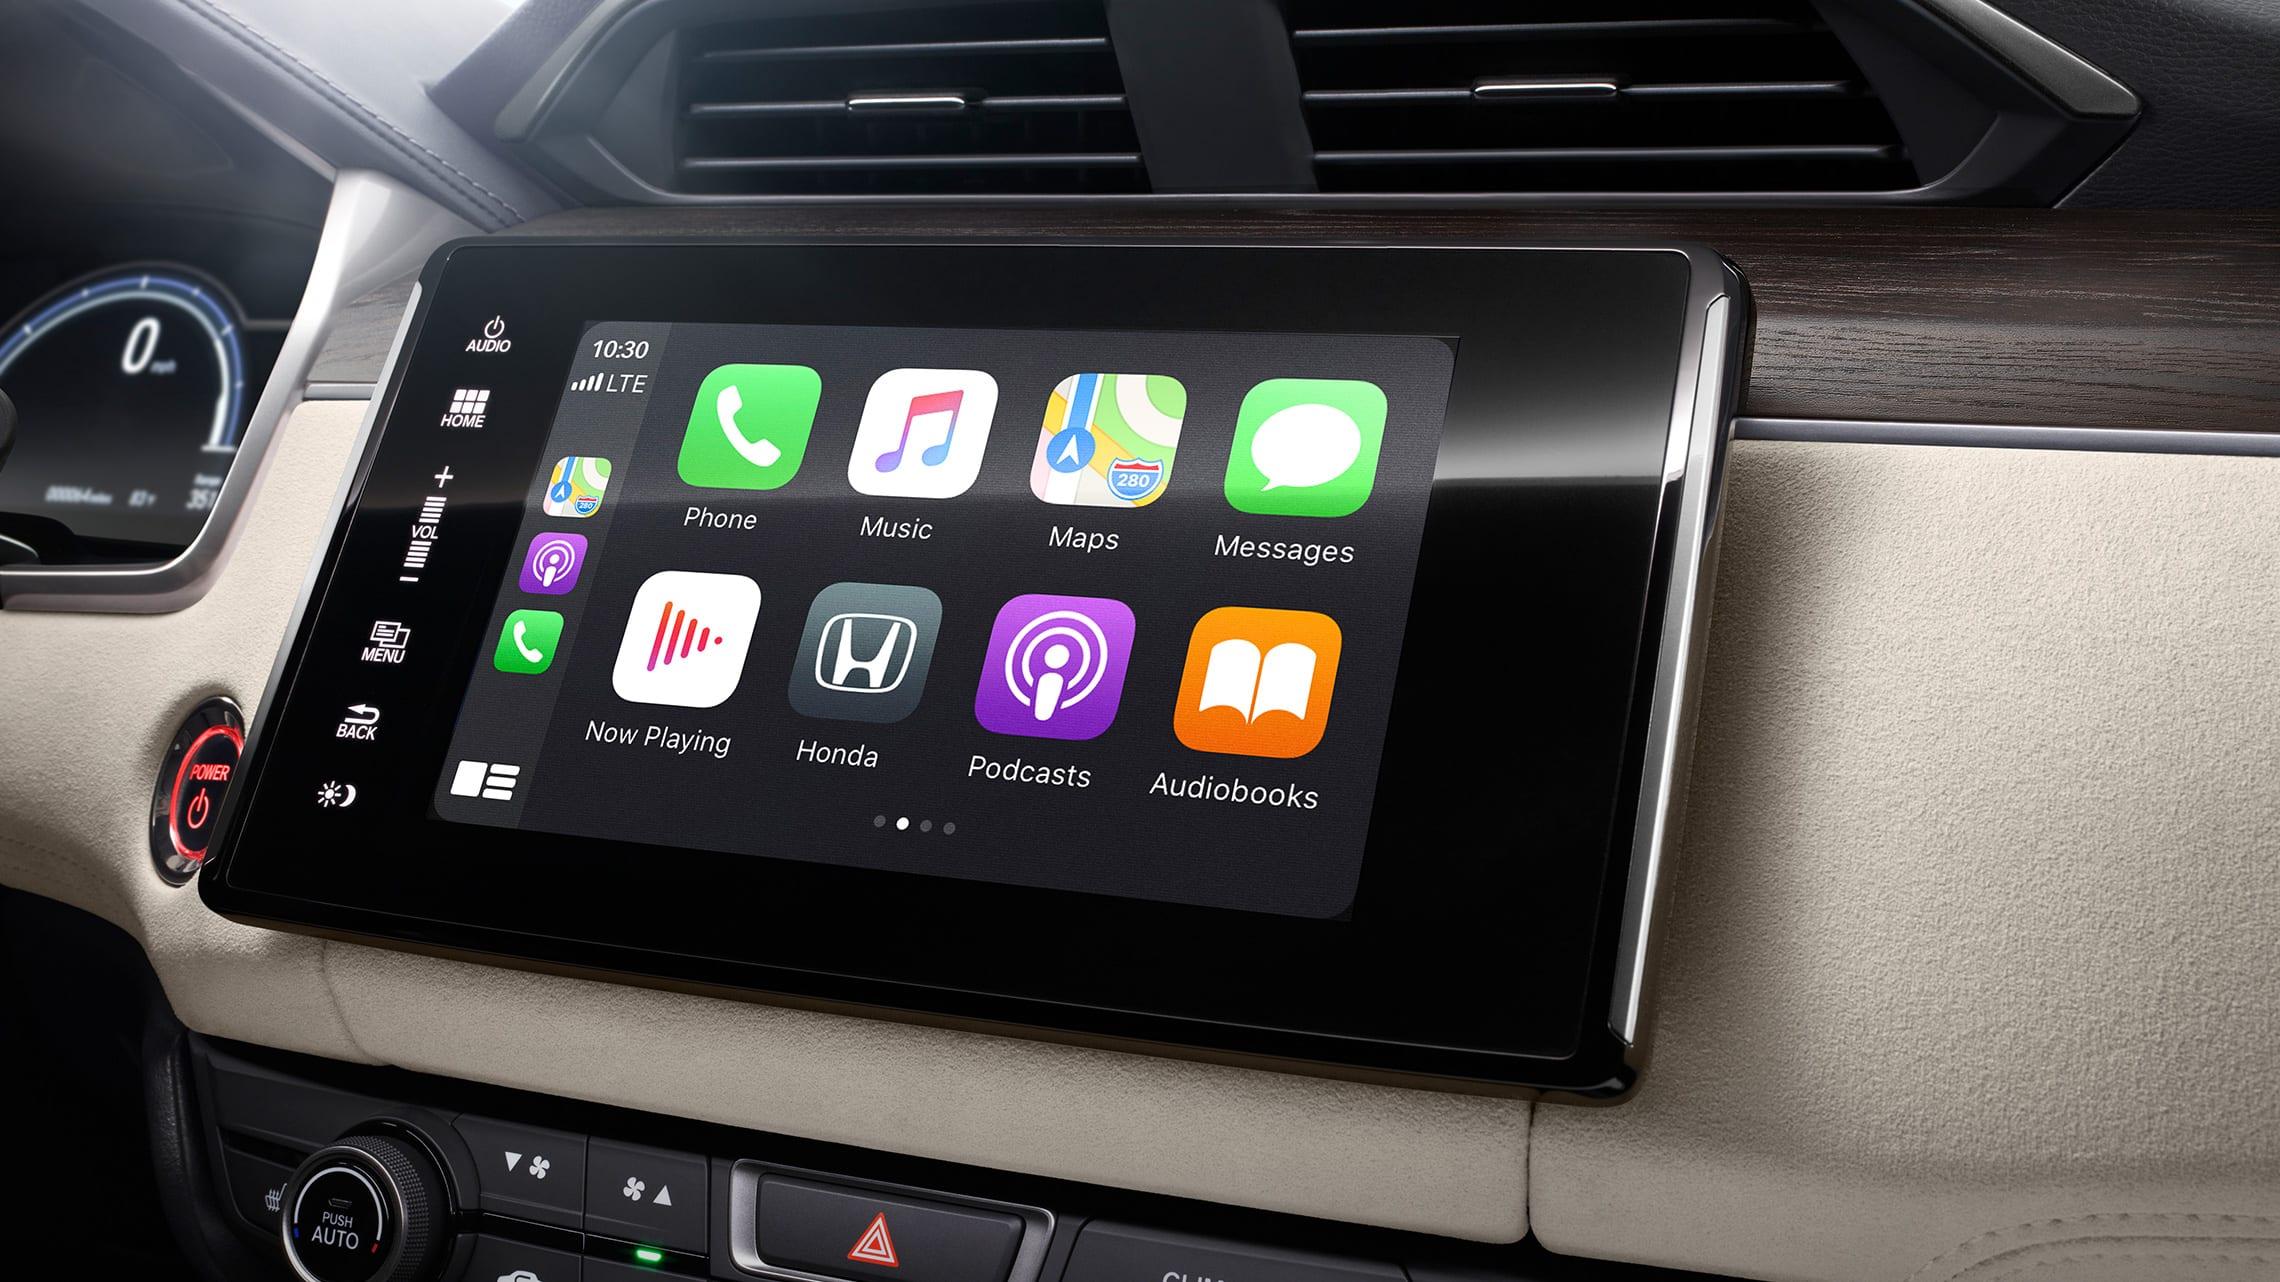 Detalle de la integración con Apple CarPlay® en el sistema de audio en pantalla táctil de 8pulgadas.